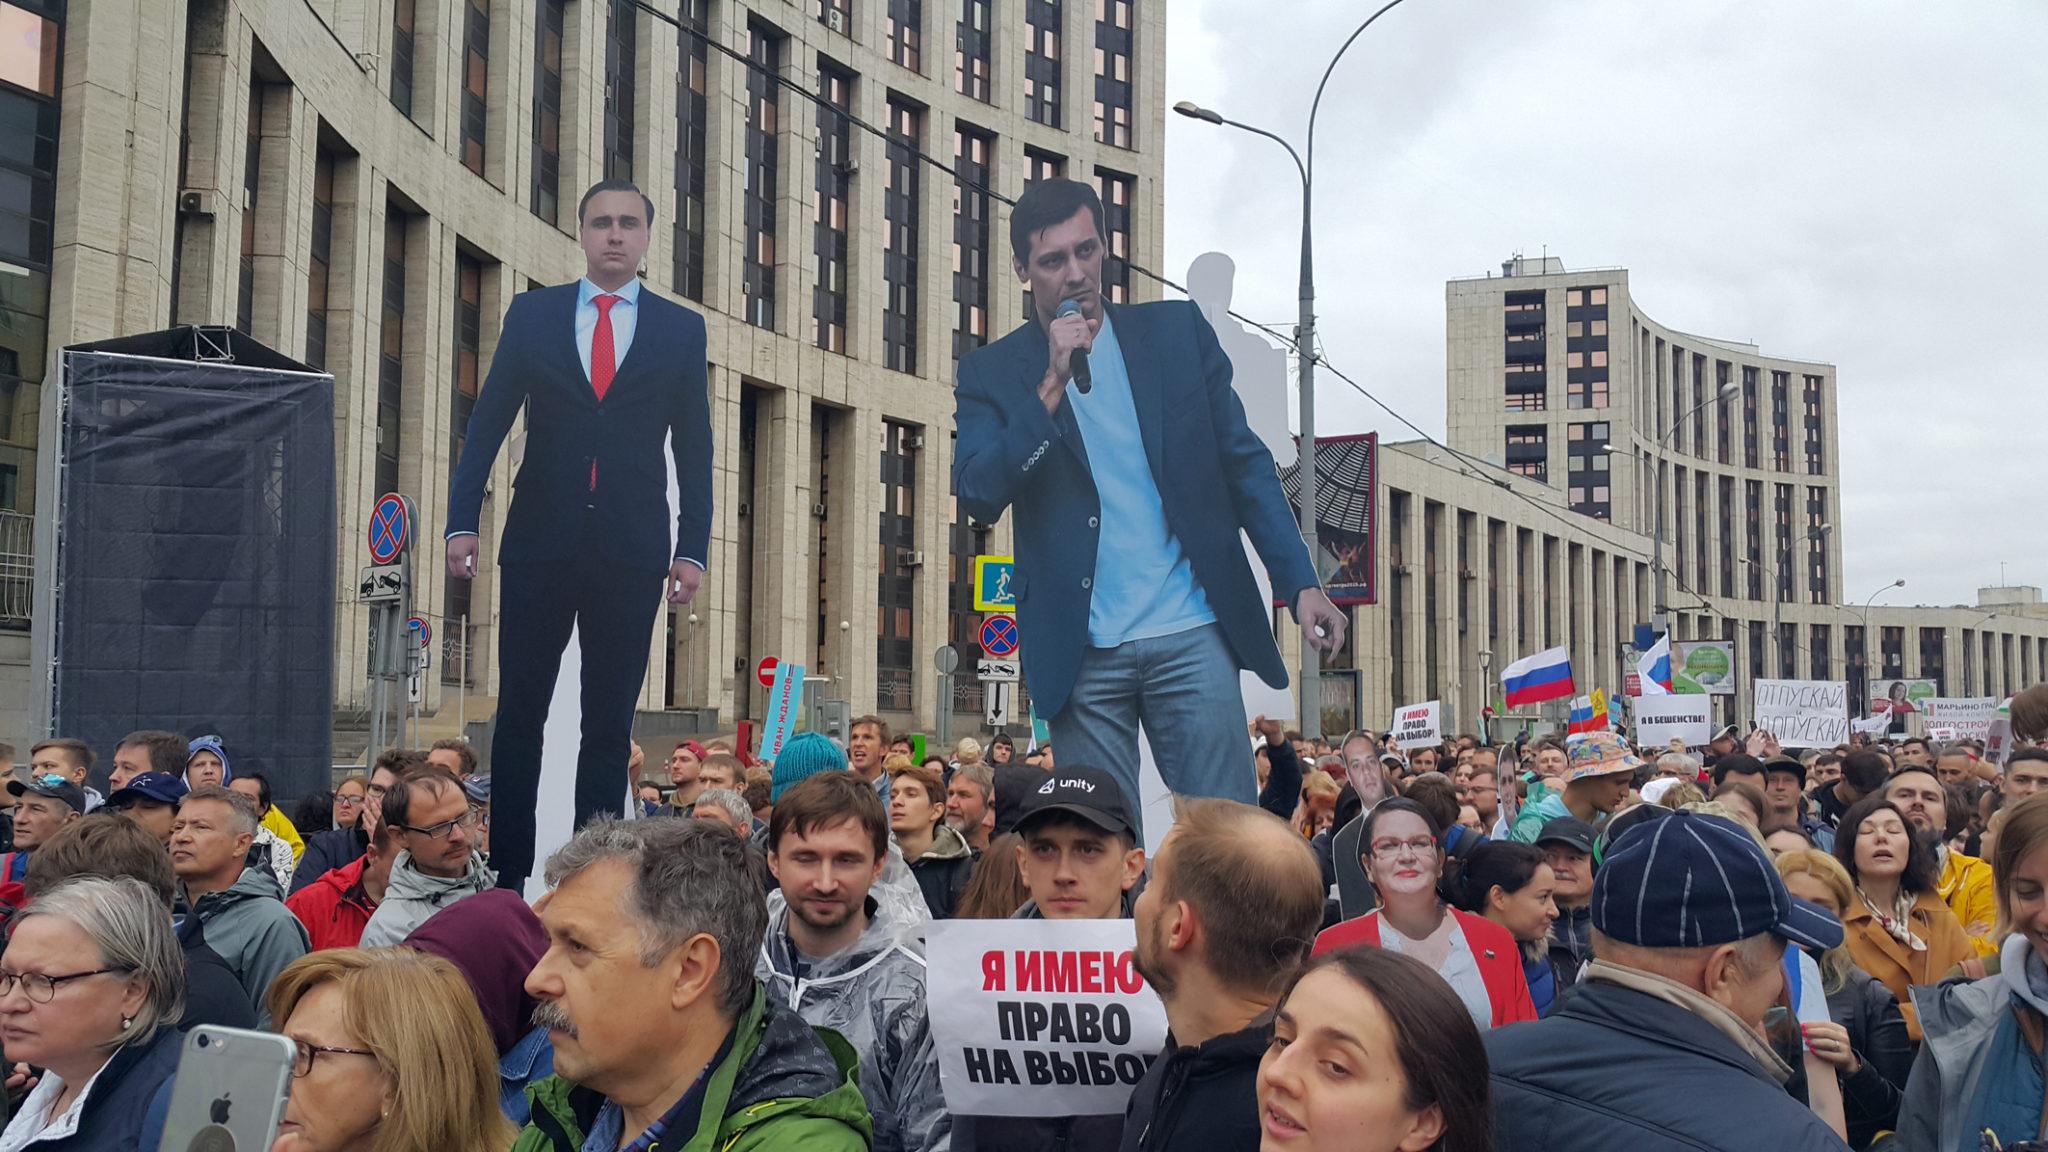 Многотысячный митинг на проспекте Сахарова 10 августа 2019 года с требованием допустить к выборам оппозиционных кандидатов